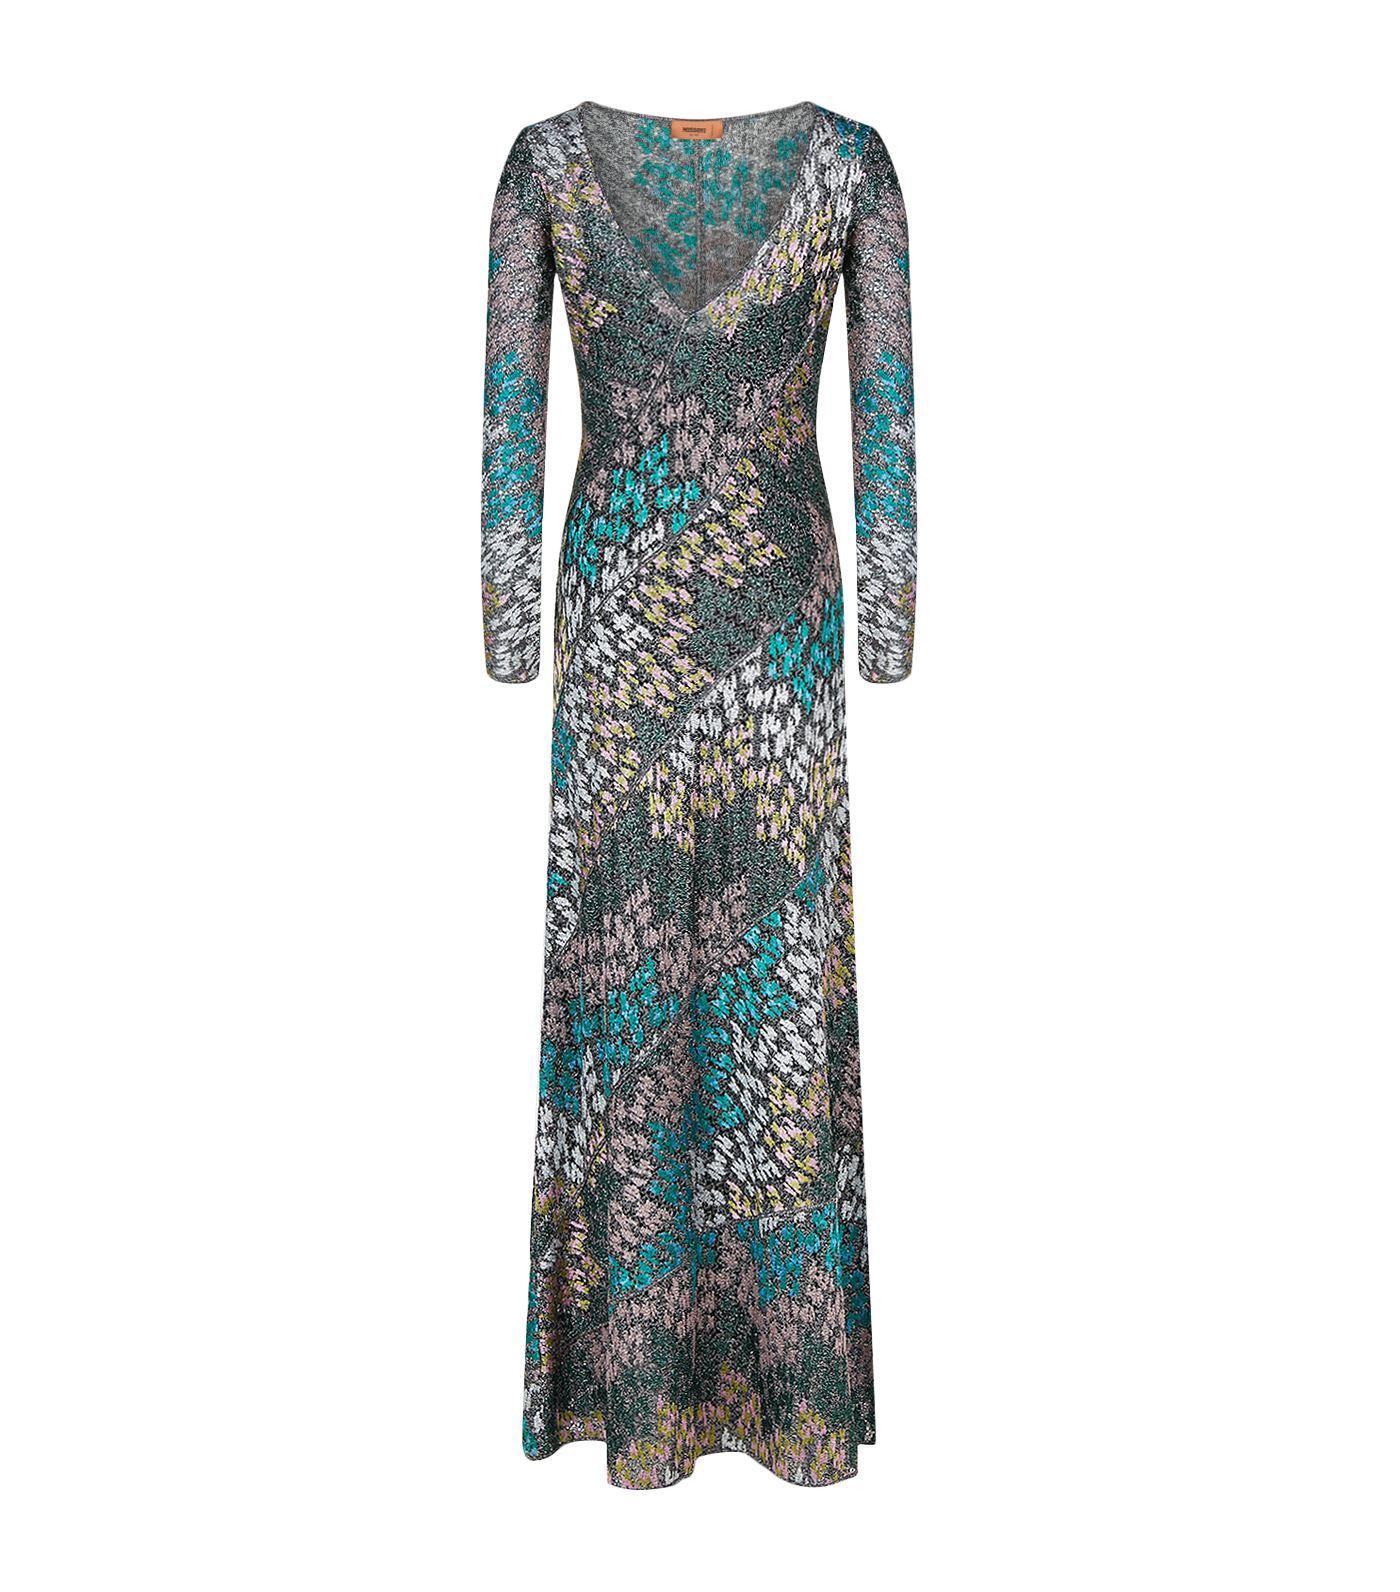 Missoni Metallic Crochet-Knit Maxi Dress In Green